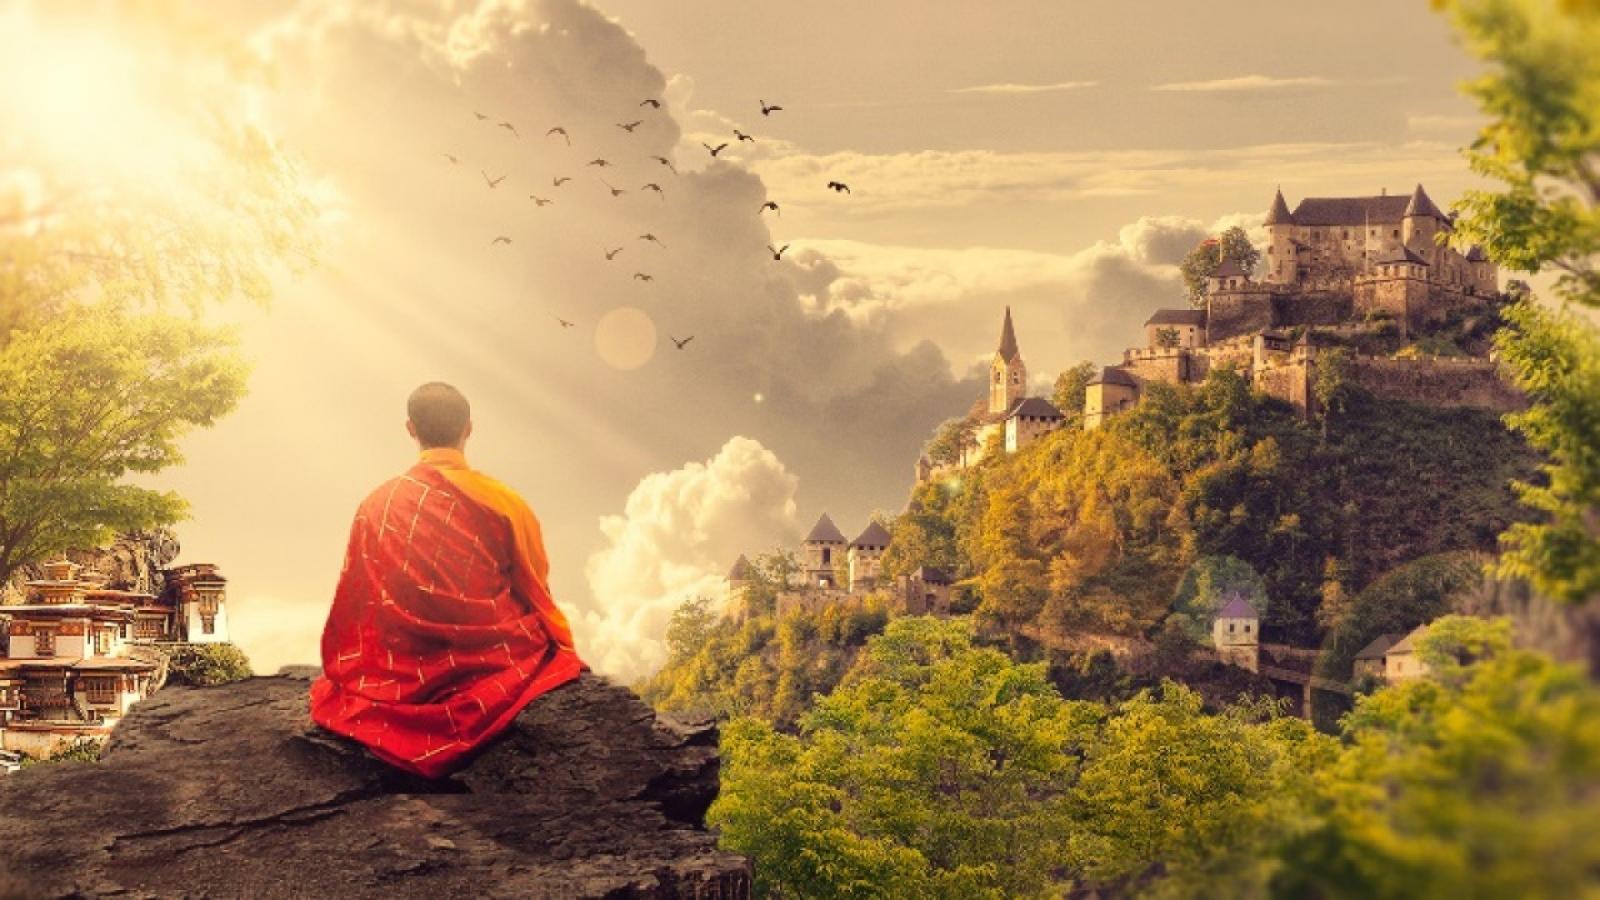 Phật dạy 4 nỗi khổ lớn nhất đời người, ai cũng nên biết để sống an nhiên tự tại